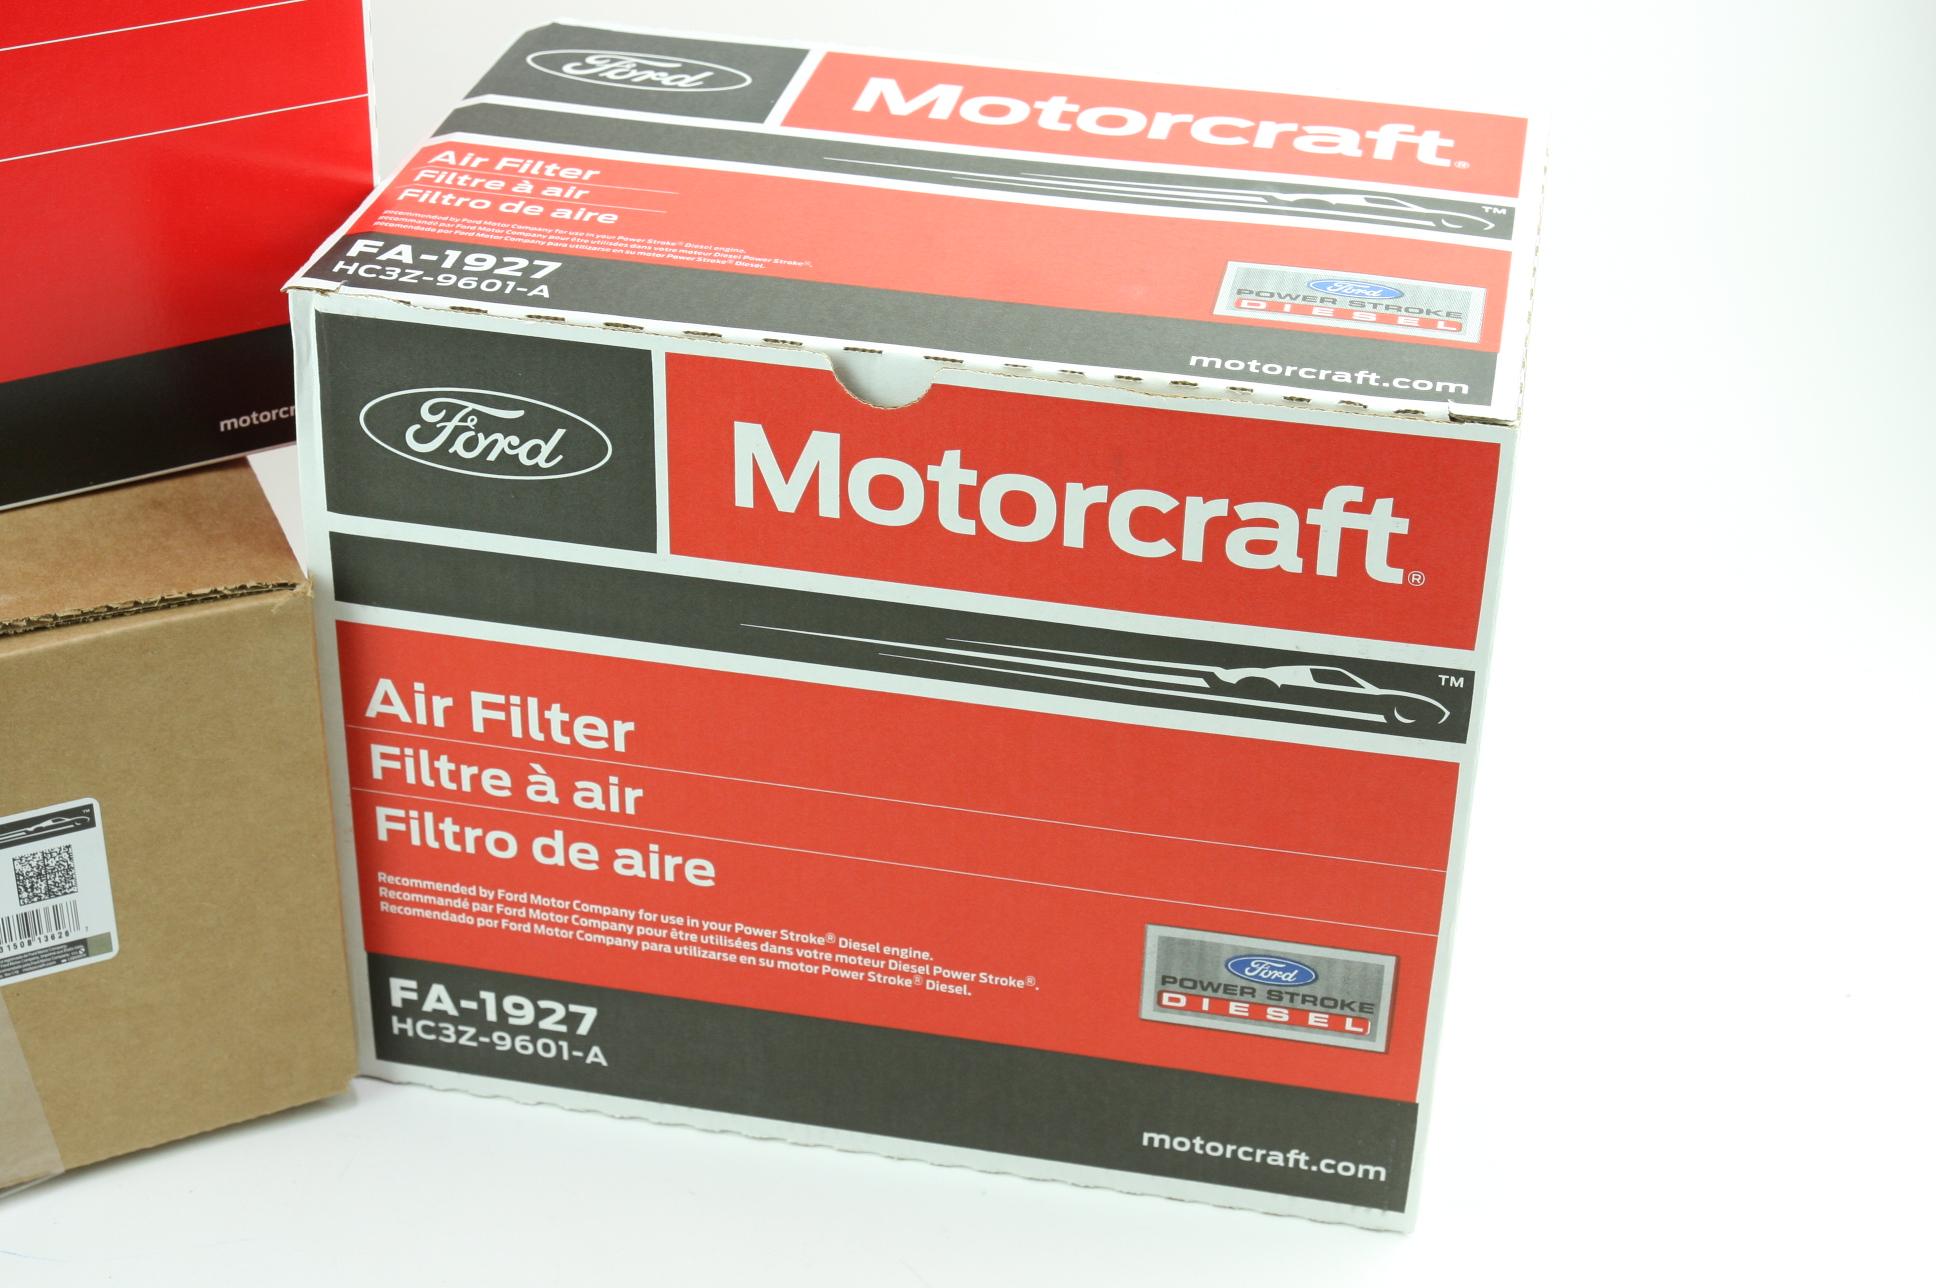 OEM Ford Diesel Engine & Cabin & Fuel Filter Kit Motorcraft FD4625 FA1927 FP79 - image 8